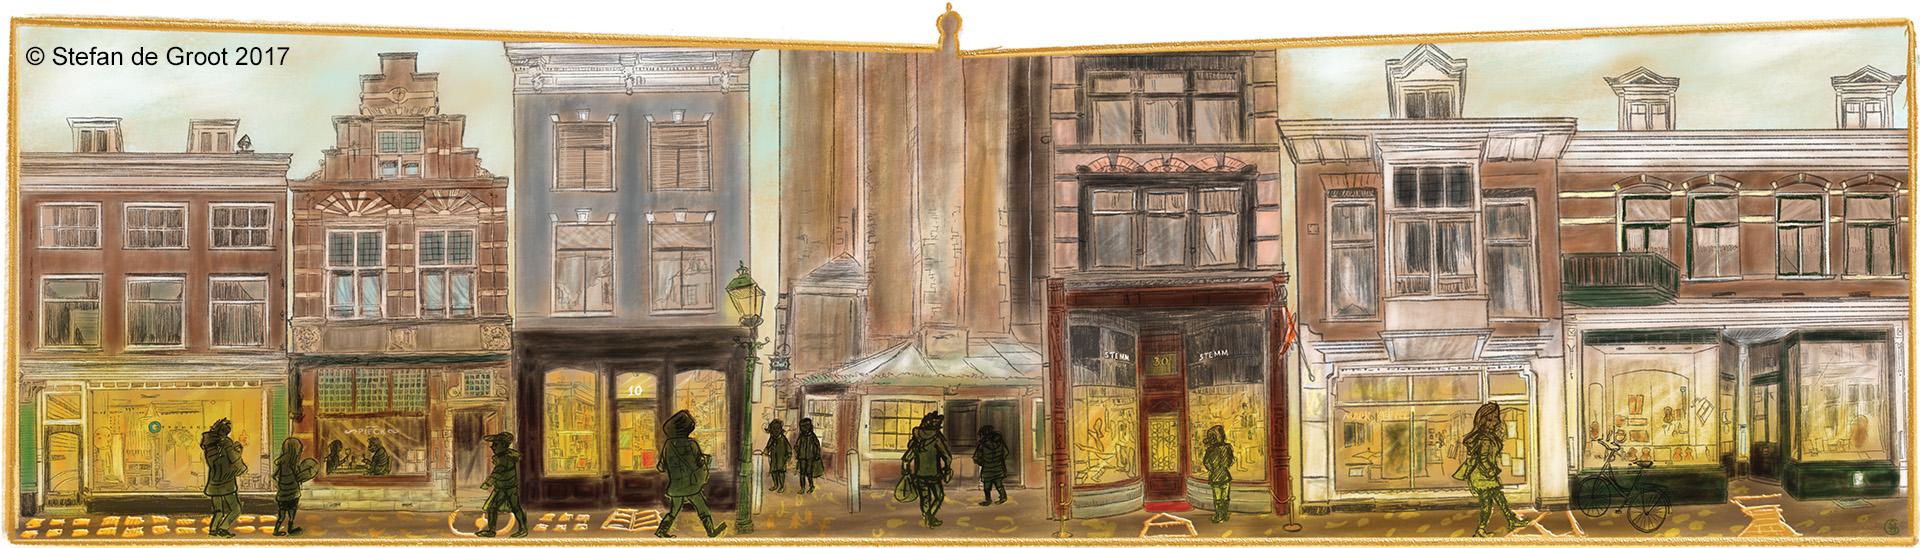 ANWB Gouden Straatjes Haarlem door Stefan de Groot